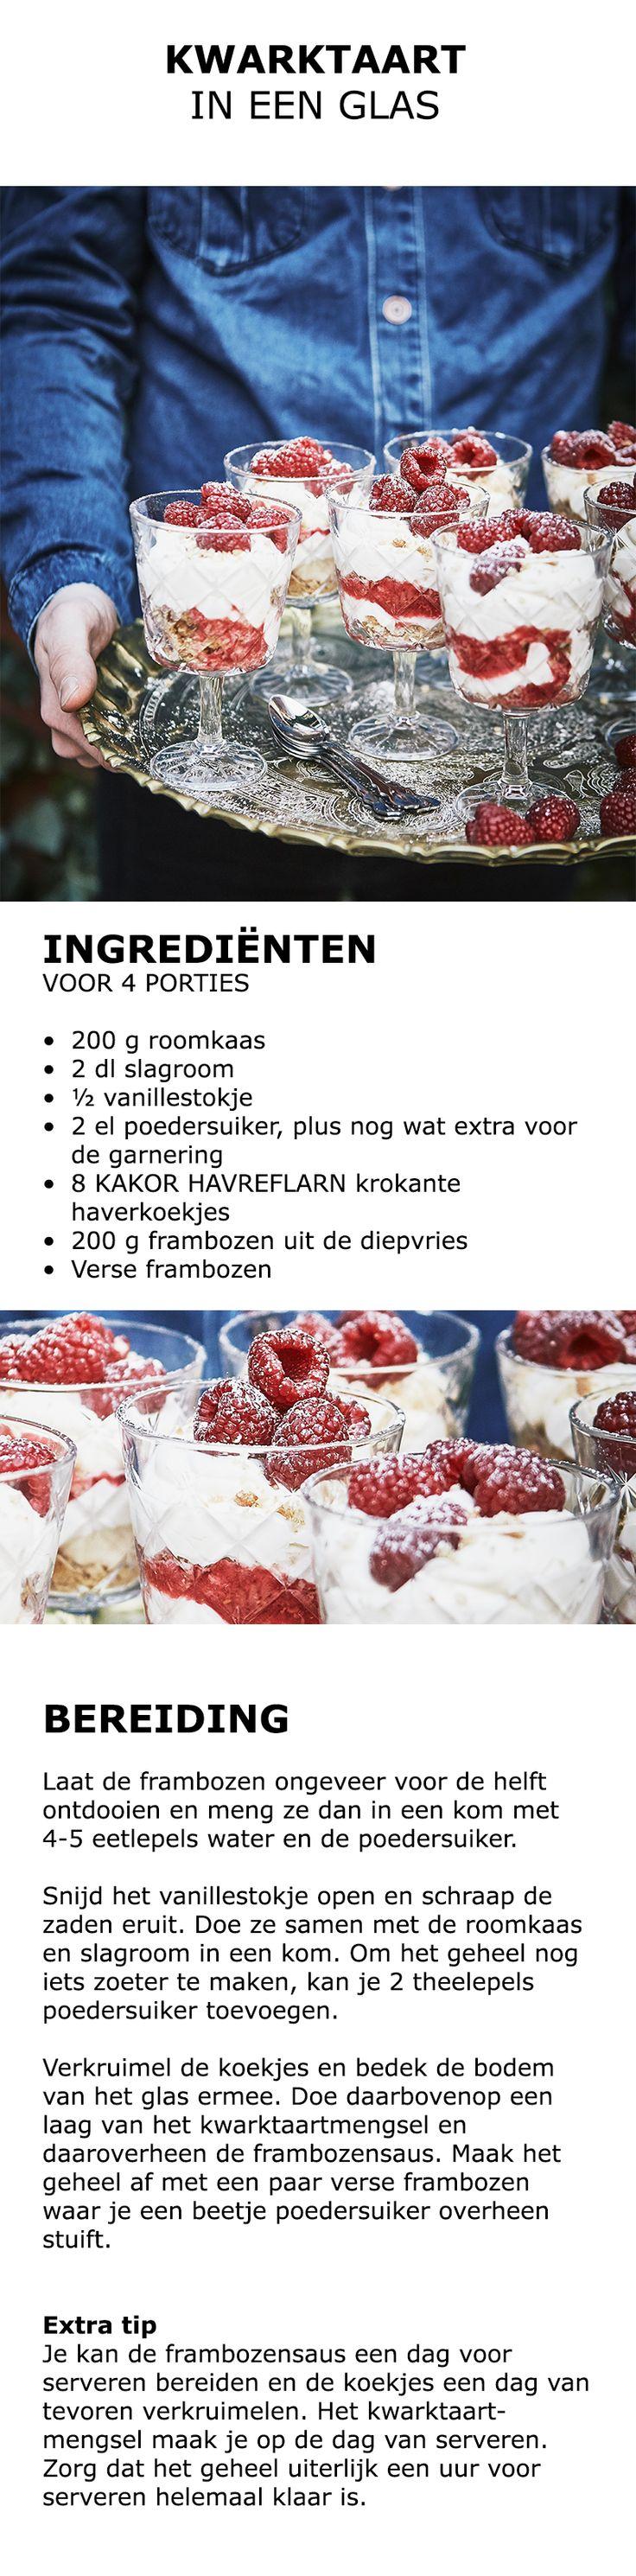 Inspiratie voor in de keuken - Kwarktaart | #IKEA #IKEAnl #inspiratie #keuken #bakken #zoet #taart #vanille #frambozen #KAKORHAVREFLARN #haver